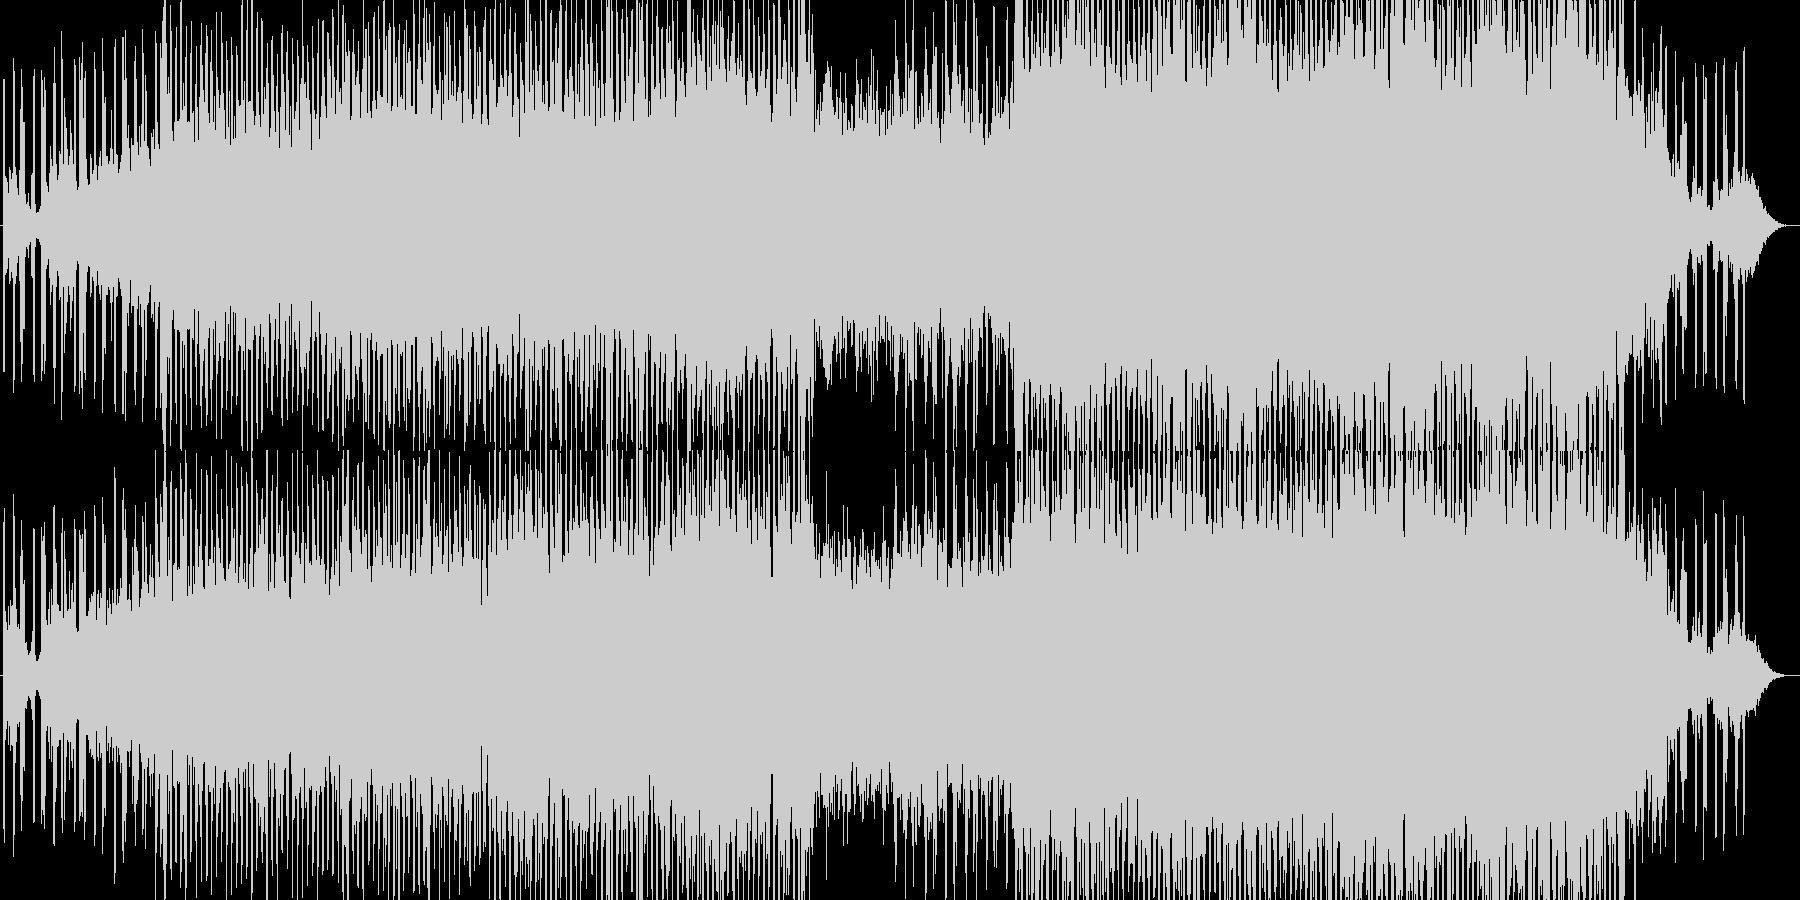 ゆったりとした風変わりなBGMの未再生の波形